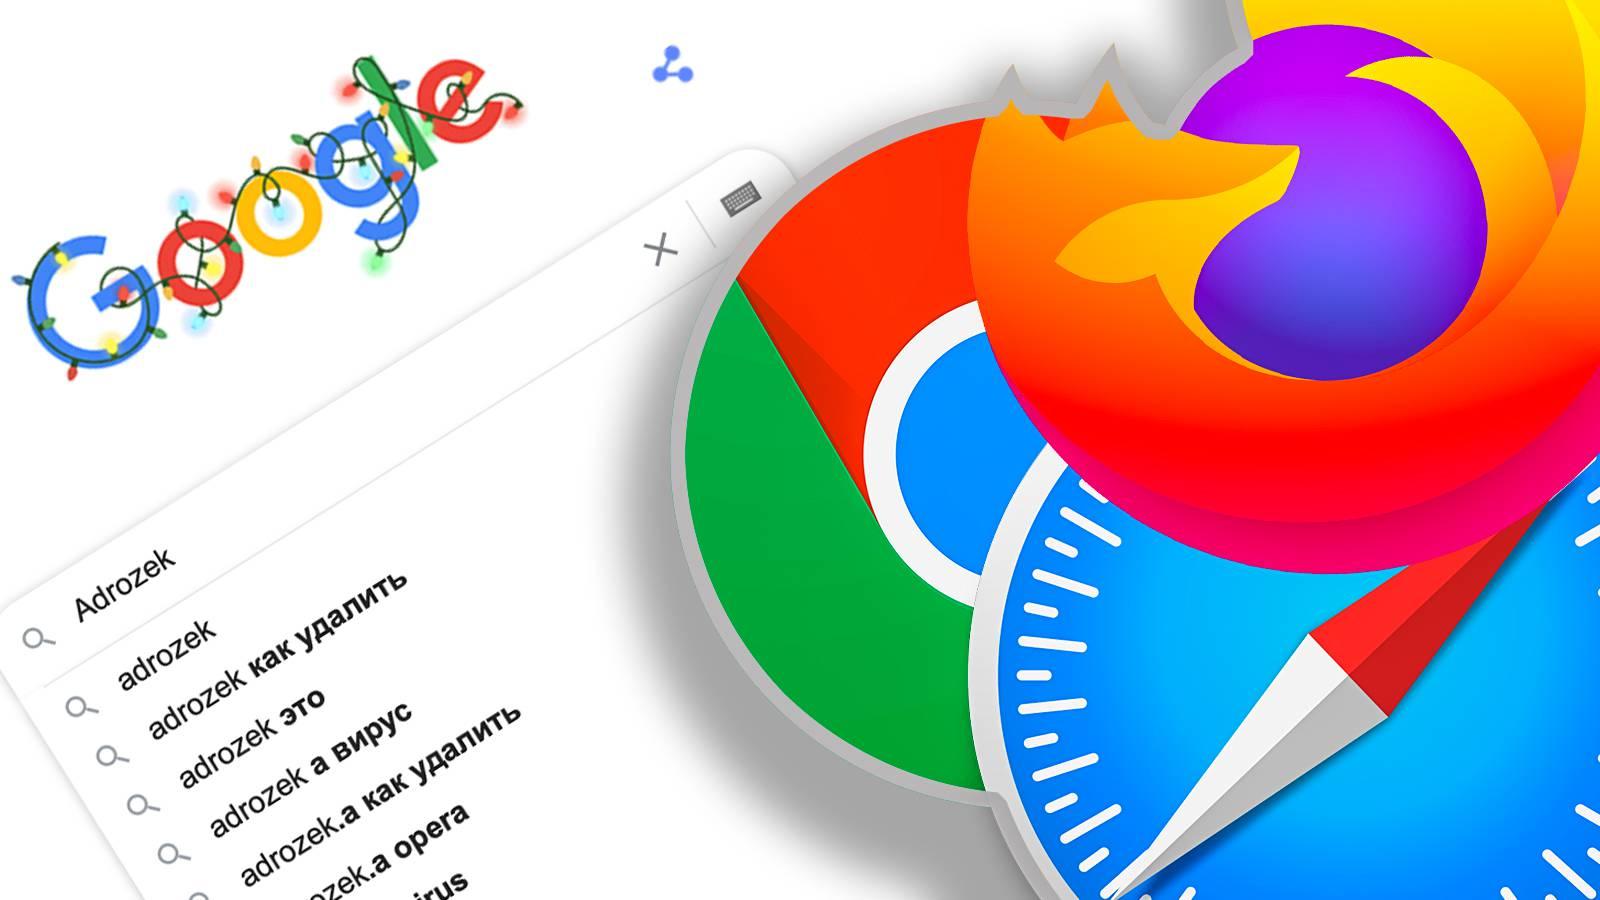 Новая вредоносная программа взломала сотни тысяч браузеров. Как защитить свой компьютер